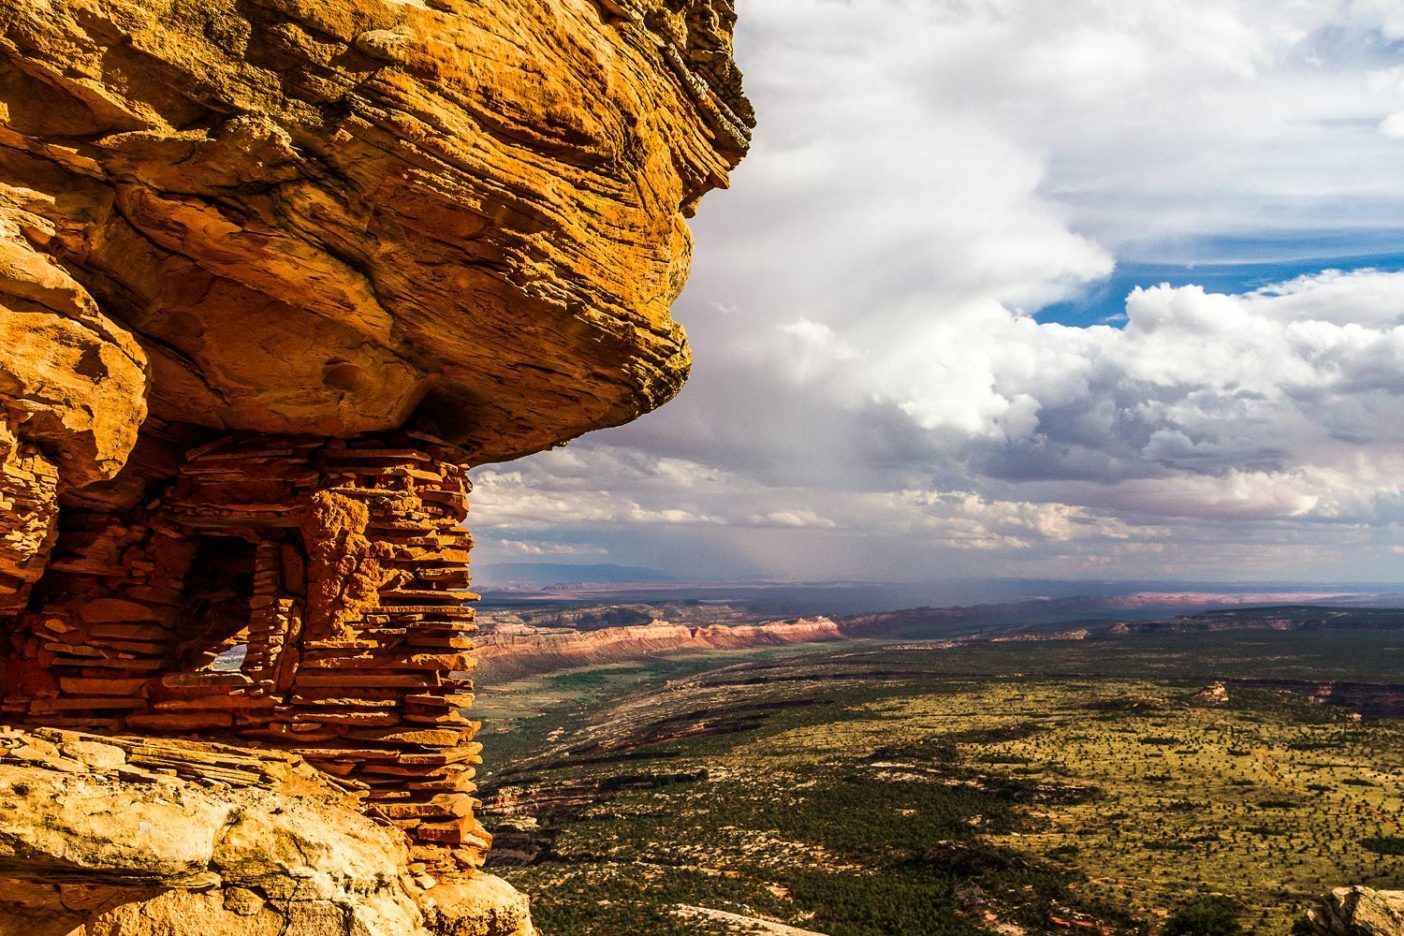 アメリカ先住民族は長いあいだベアーズ・イヤーズ地域を故郷とし、保護されるべき美しく繊細な歴史を築いてきた。Photo: Josh Ewing